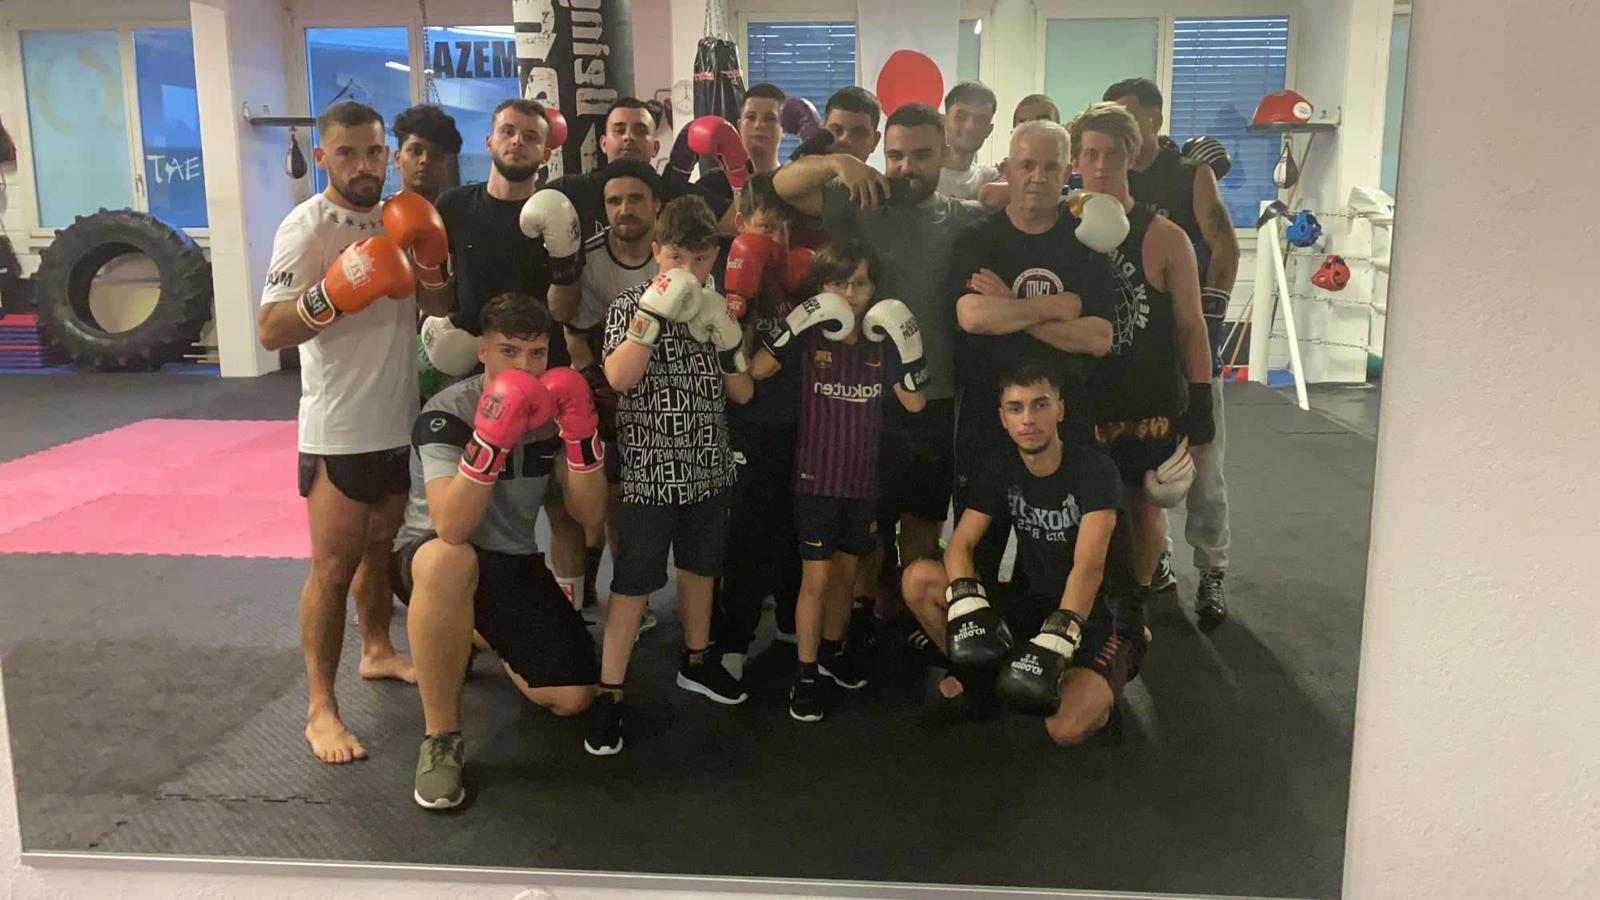 Began Hasani Trainer Boxen AZEM Budaya Center Wil